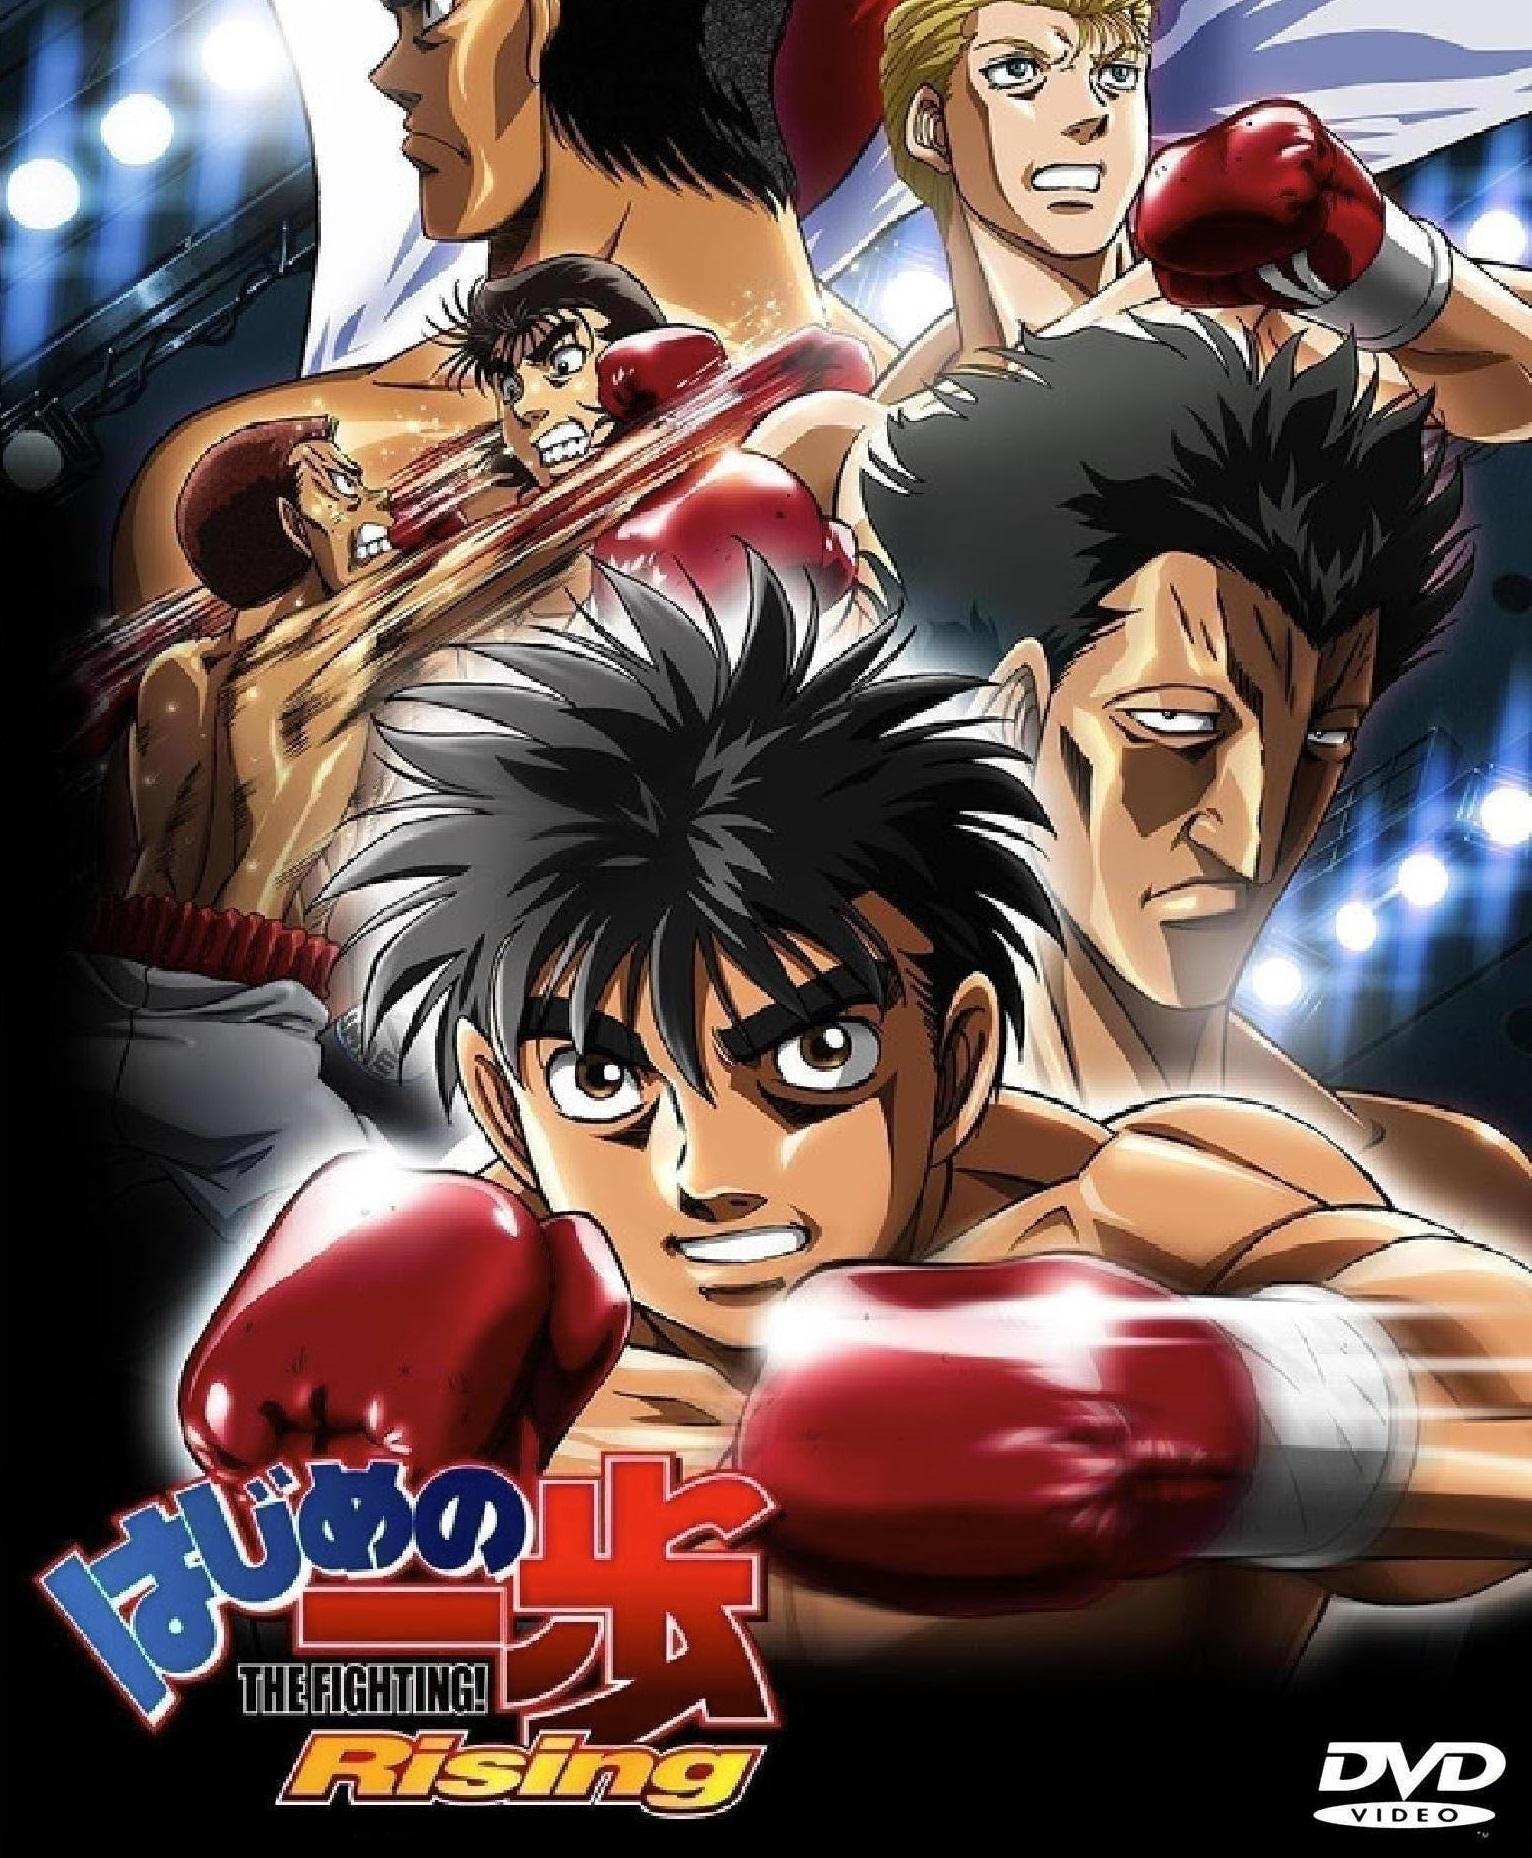 Hajime no ippo rising tv series 2013 imdb